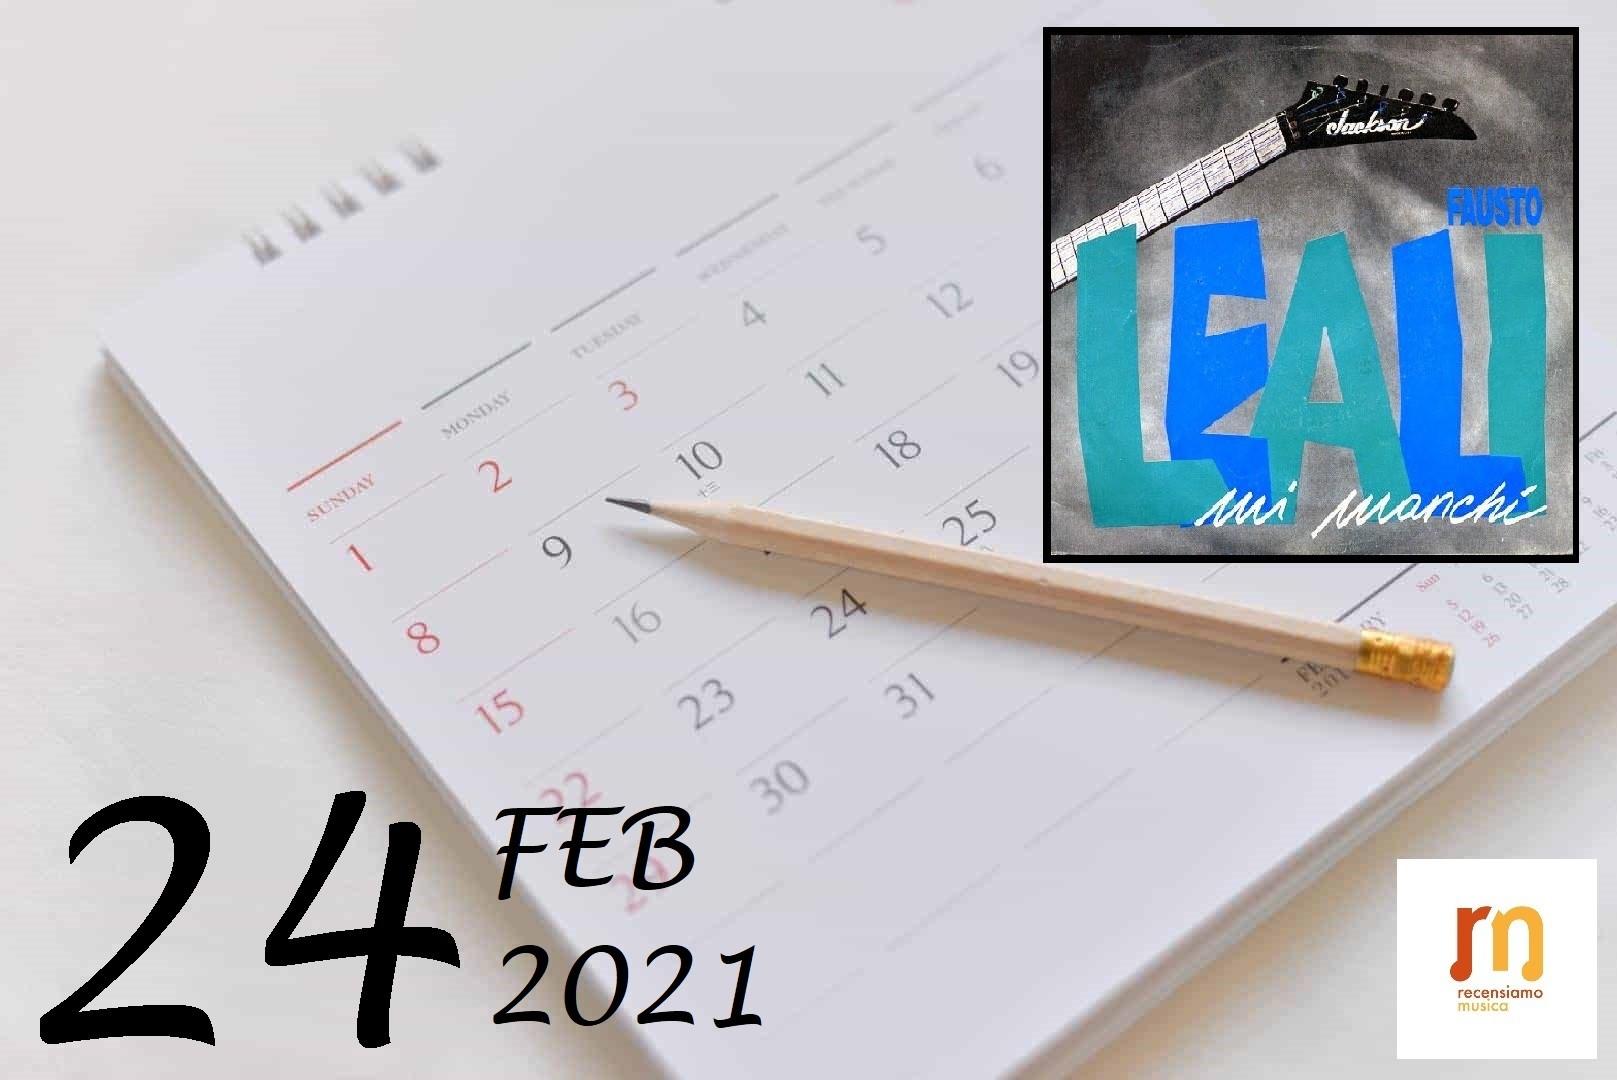 24 febbraio